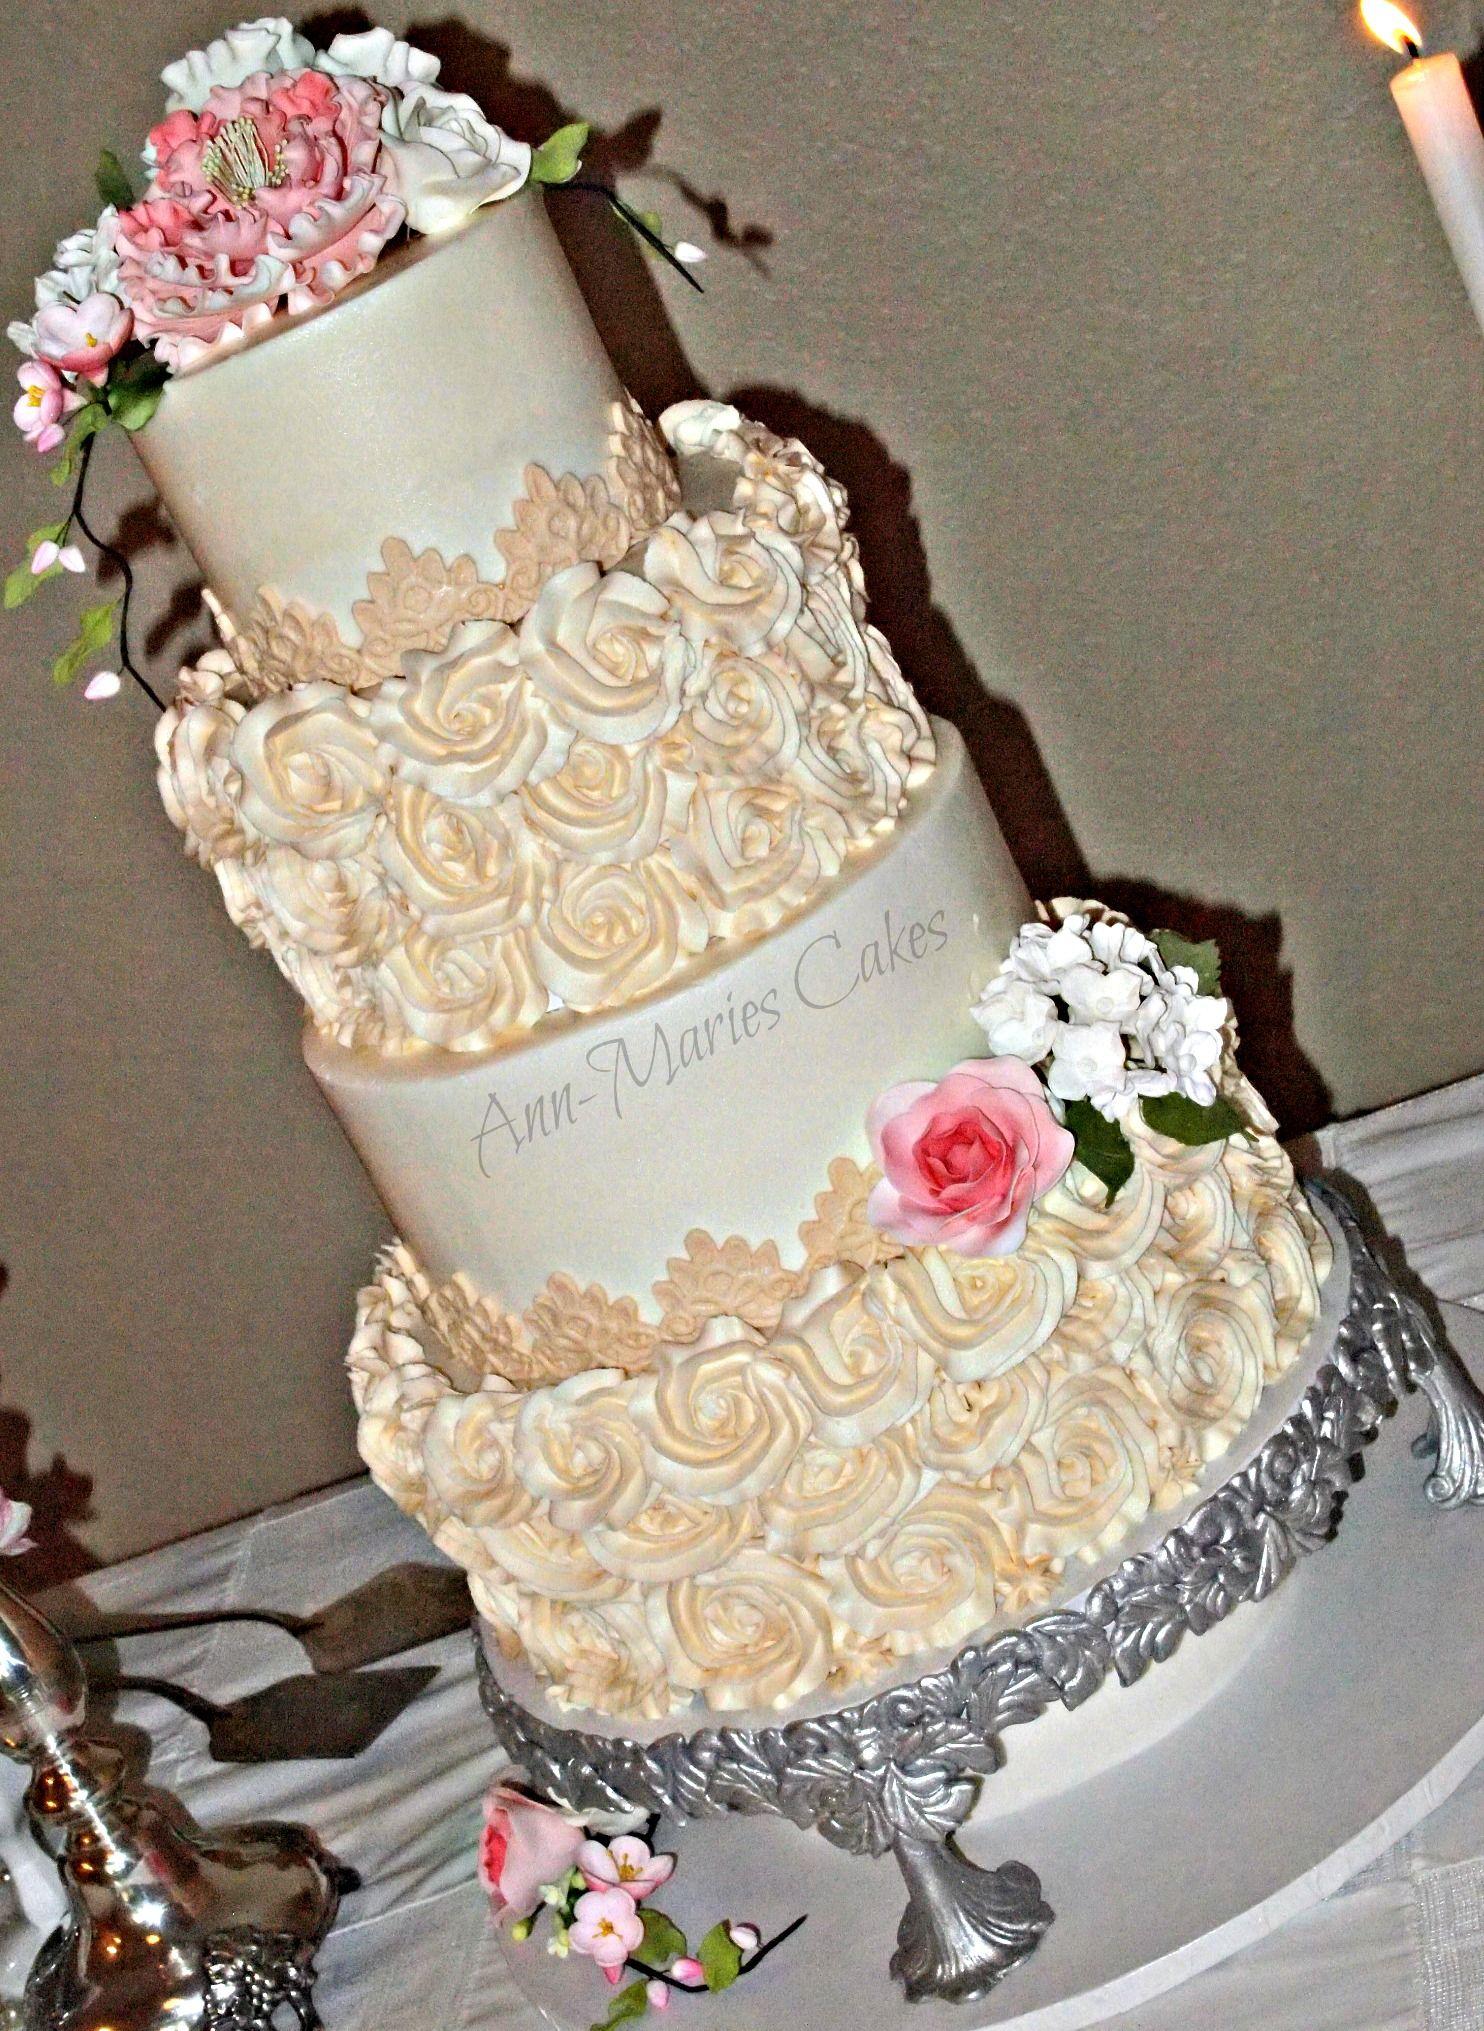 Wright Wedding Cake Wedding cake strain, Wedding cake